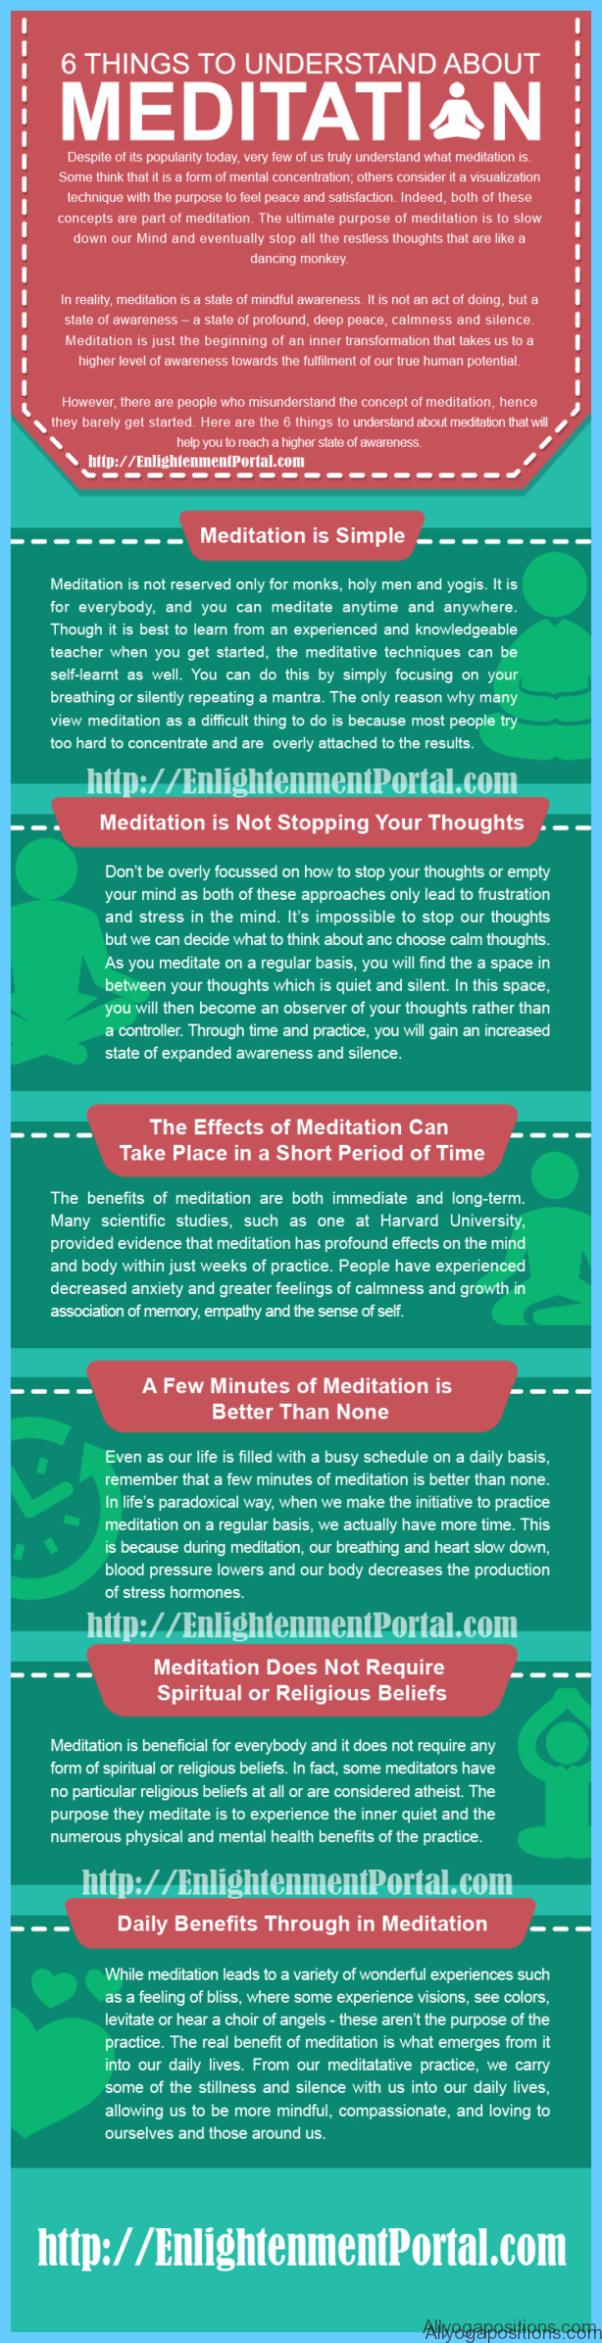 meditate-meditation-guide_3.png